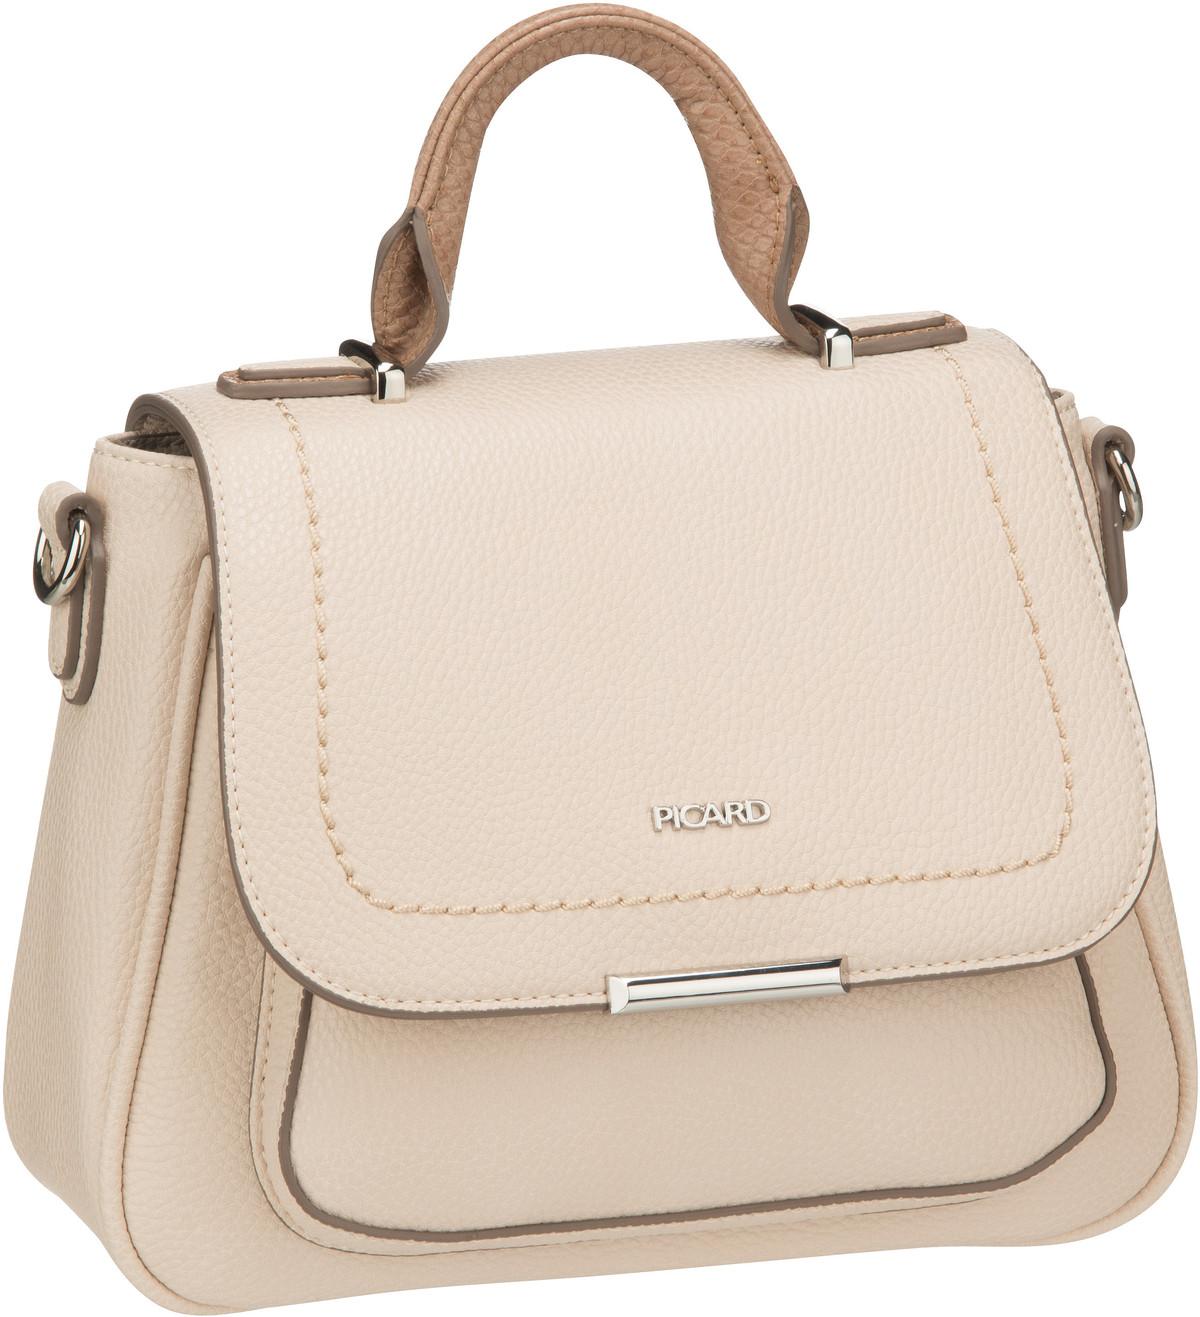 Handtasche Classy 2771 Cotton